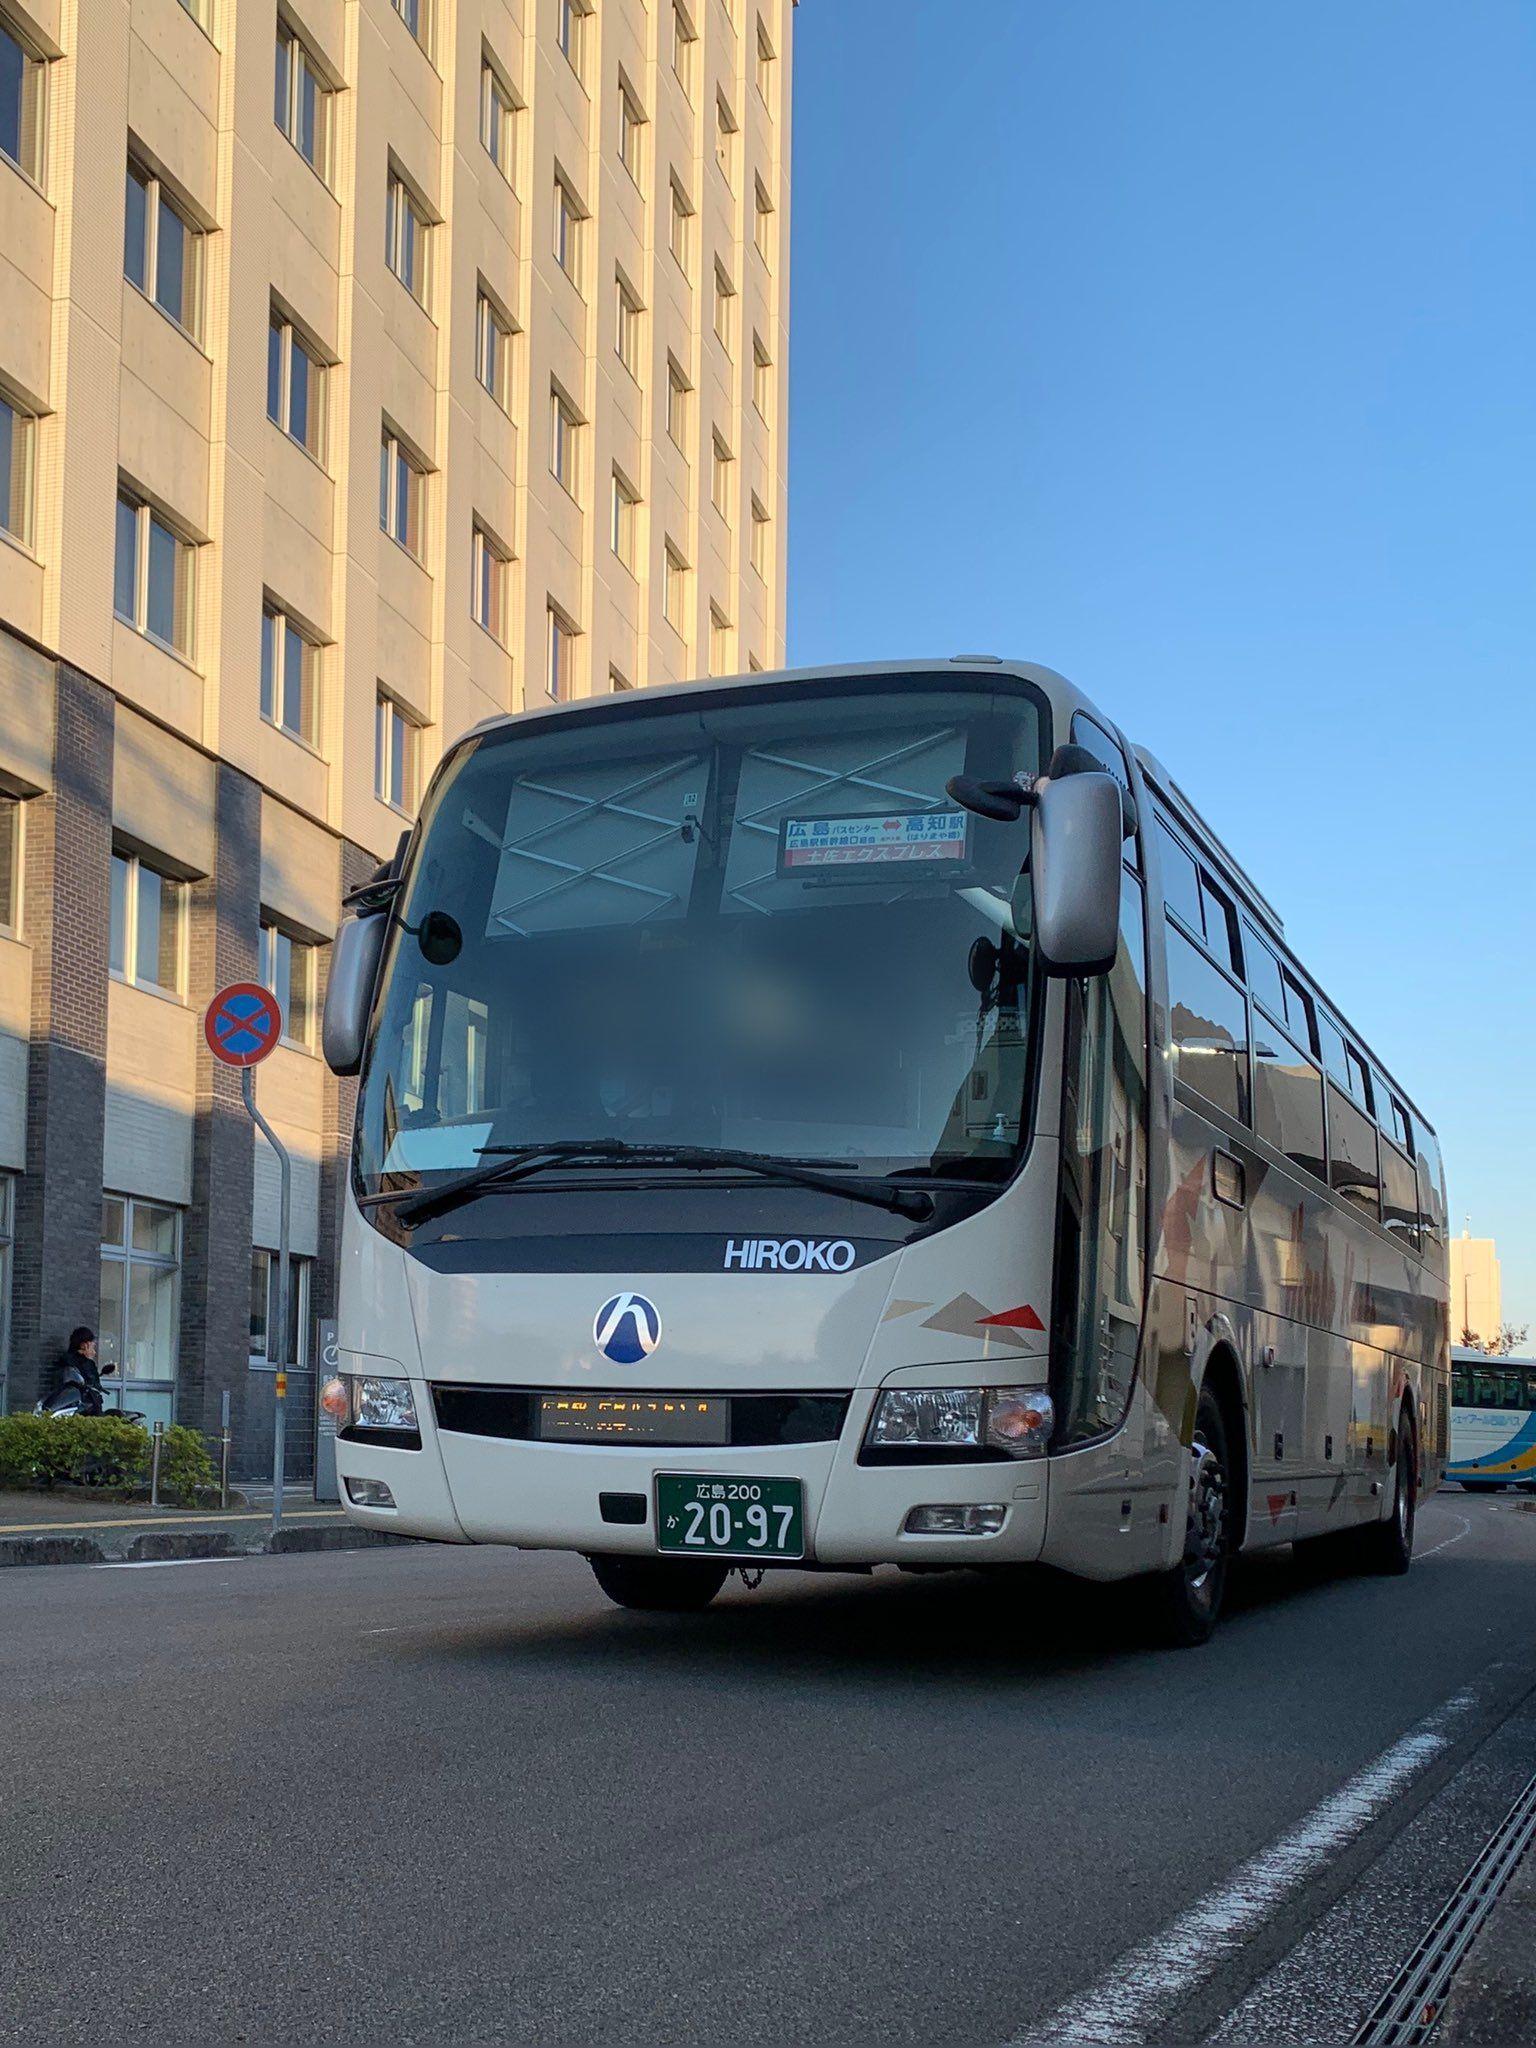 はるちゃんのパパ On Twitter Pics Okazaki Location History